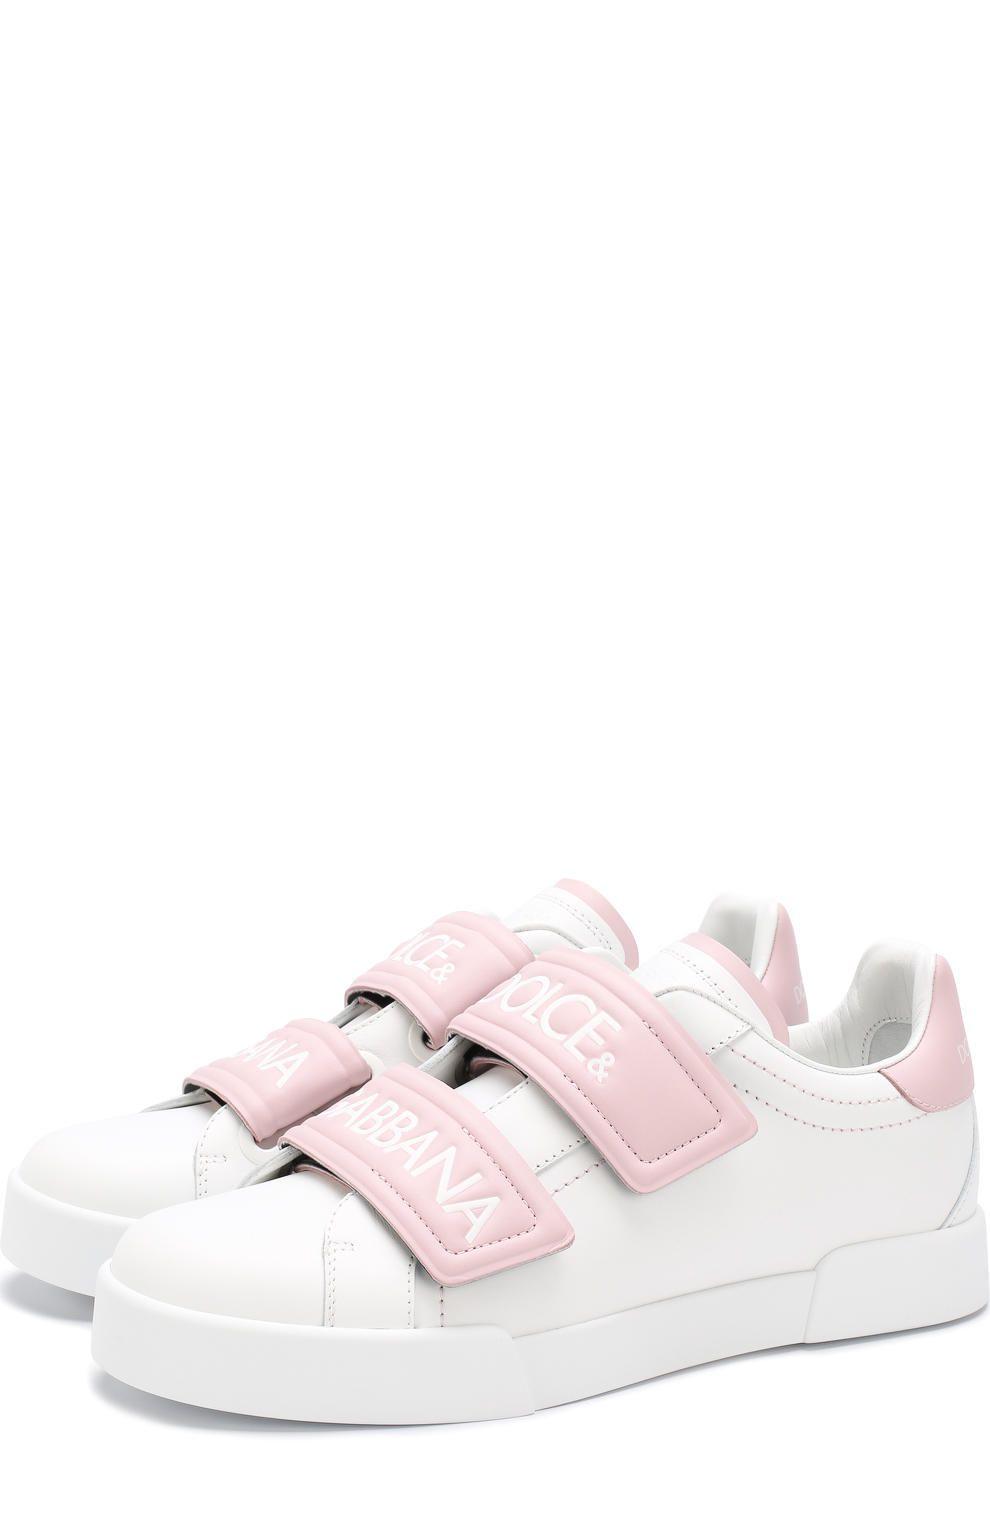 9b748f92 Женские светло-розовые кожаные кеды portofino с застежками велькро DOLCE &  GABBANA — купить за 45750 руб. в интернет-магазине ЦУМ, арт. CK0155/AH361